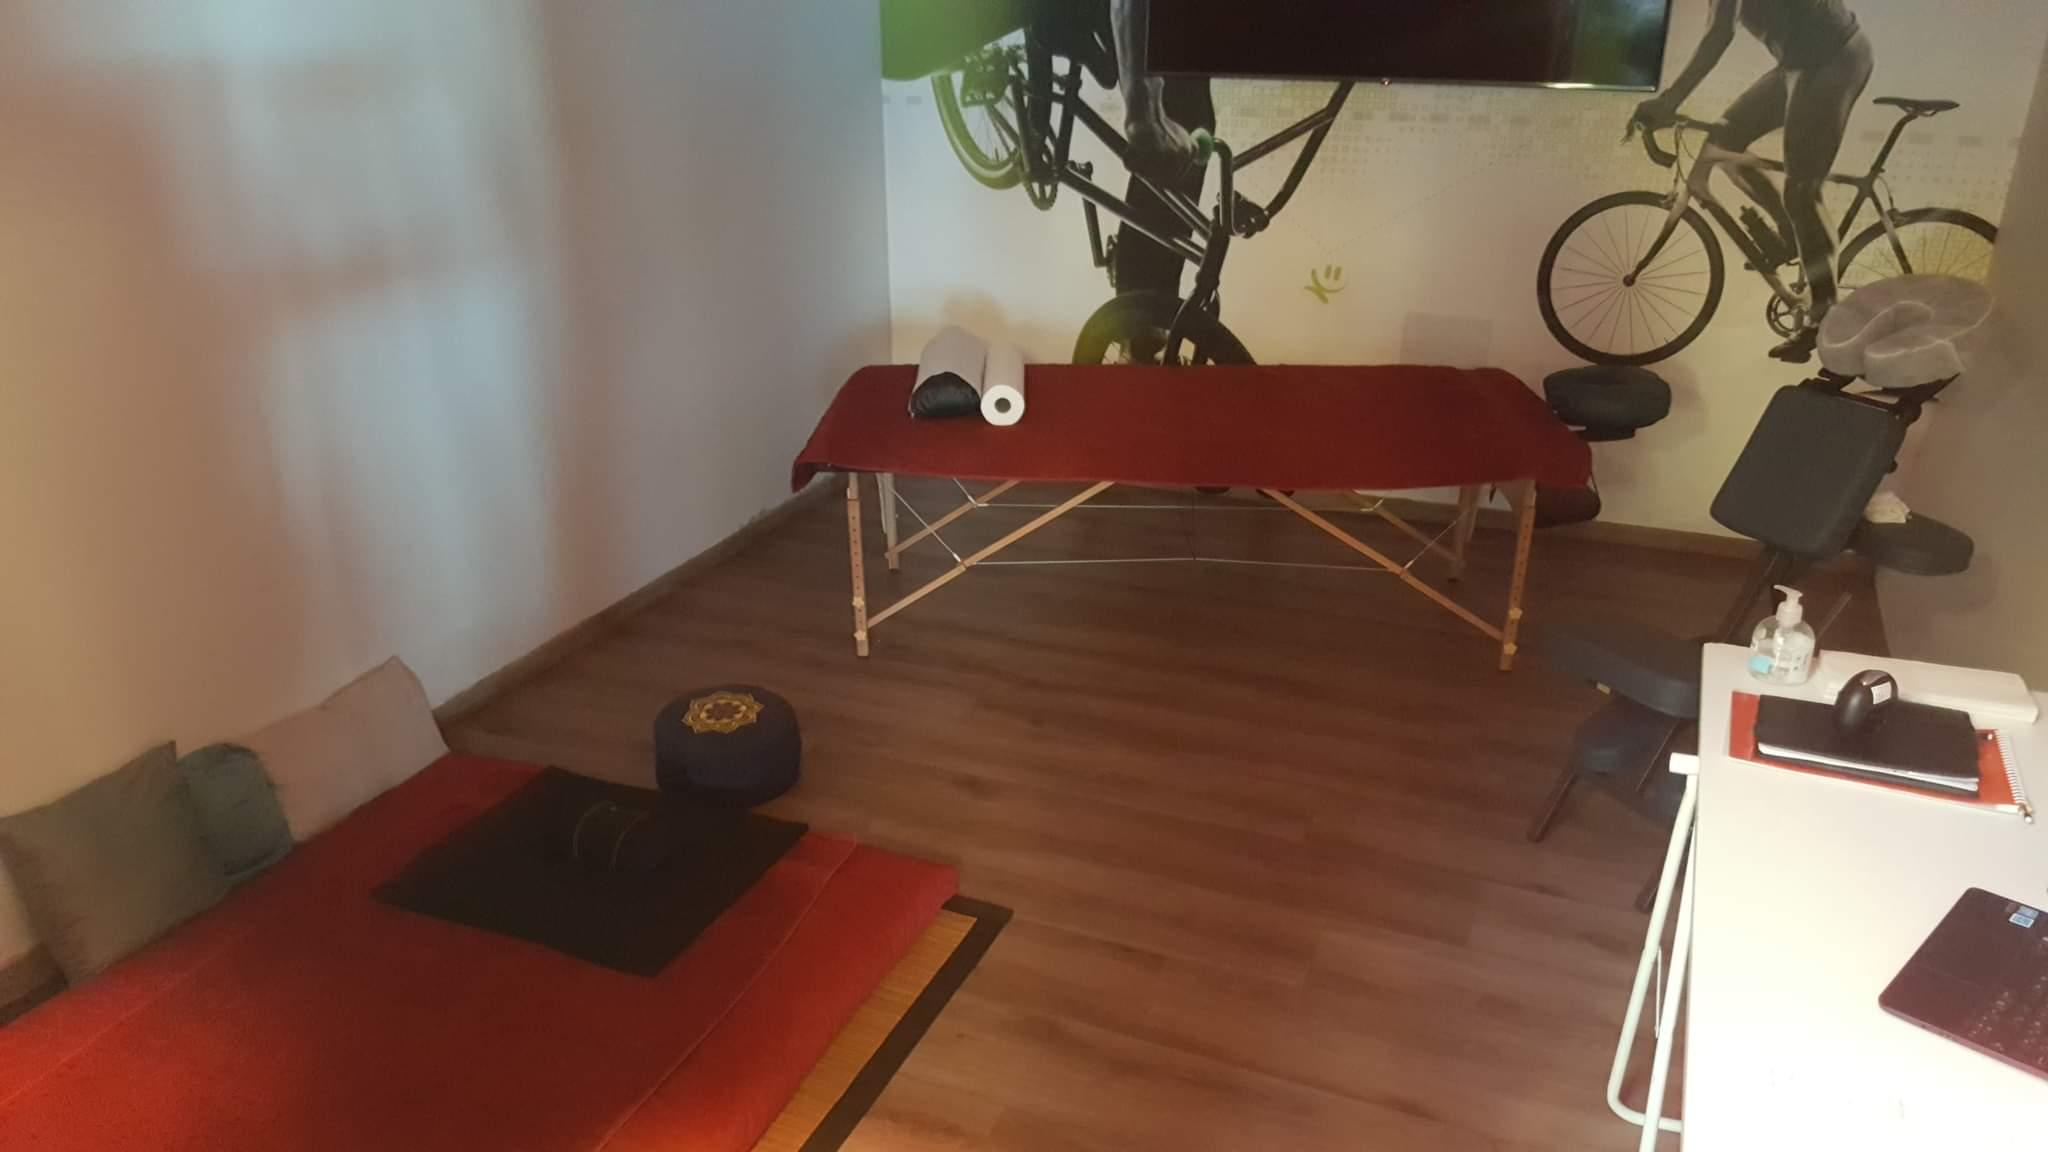 Shiatsu sur trois support différents. Futon, table et chaise ergonomique, pour répondre au plus juste à la demande du client. Vital Shiatsu Arles, Cédric Peretou.